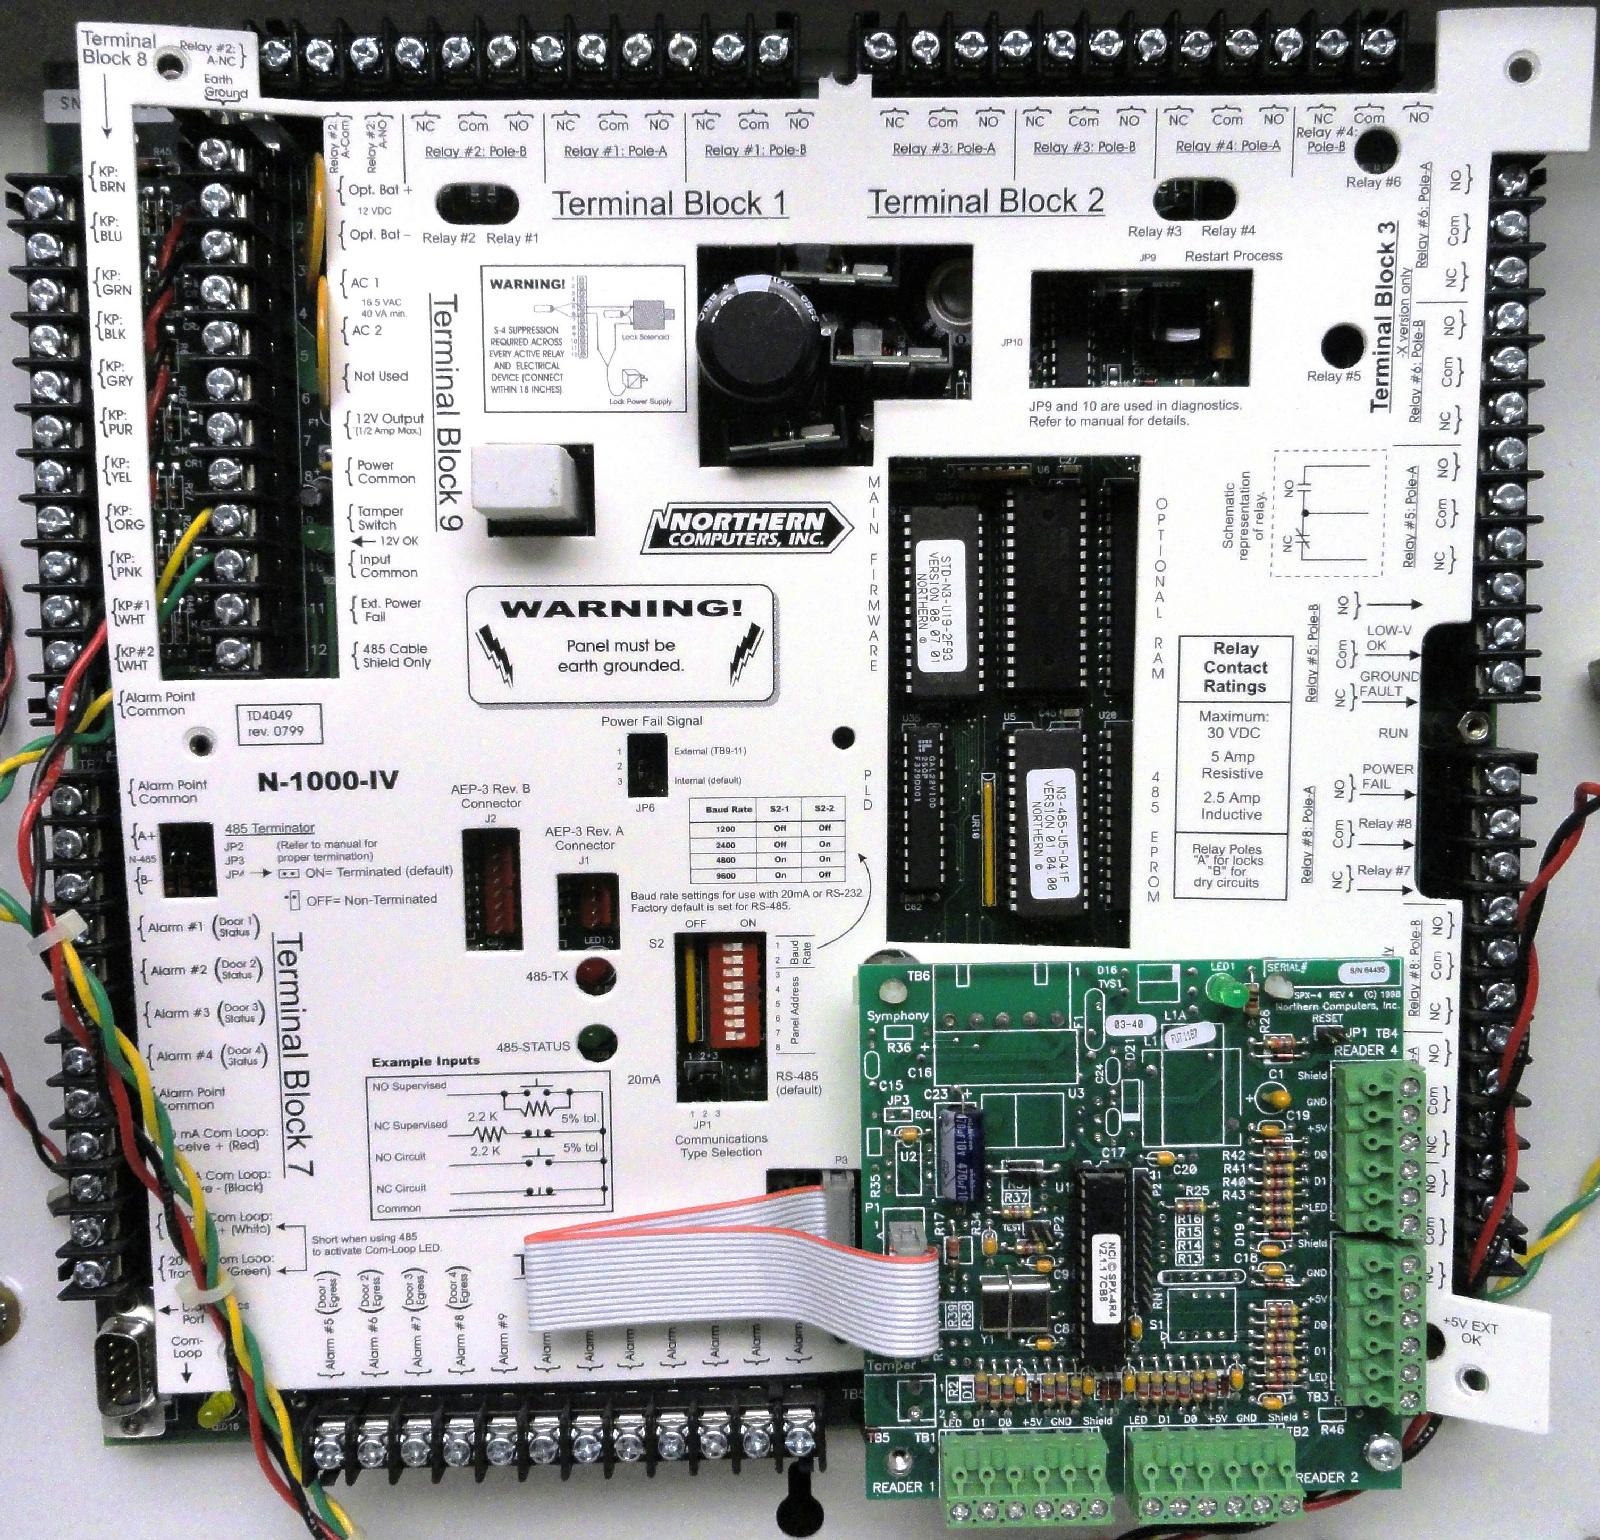 ademco vista 10p wiring diagram 2004 dodge ram 2500 front suspension control panel